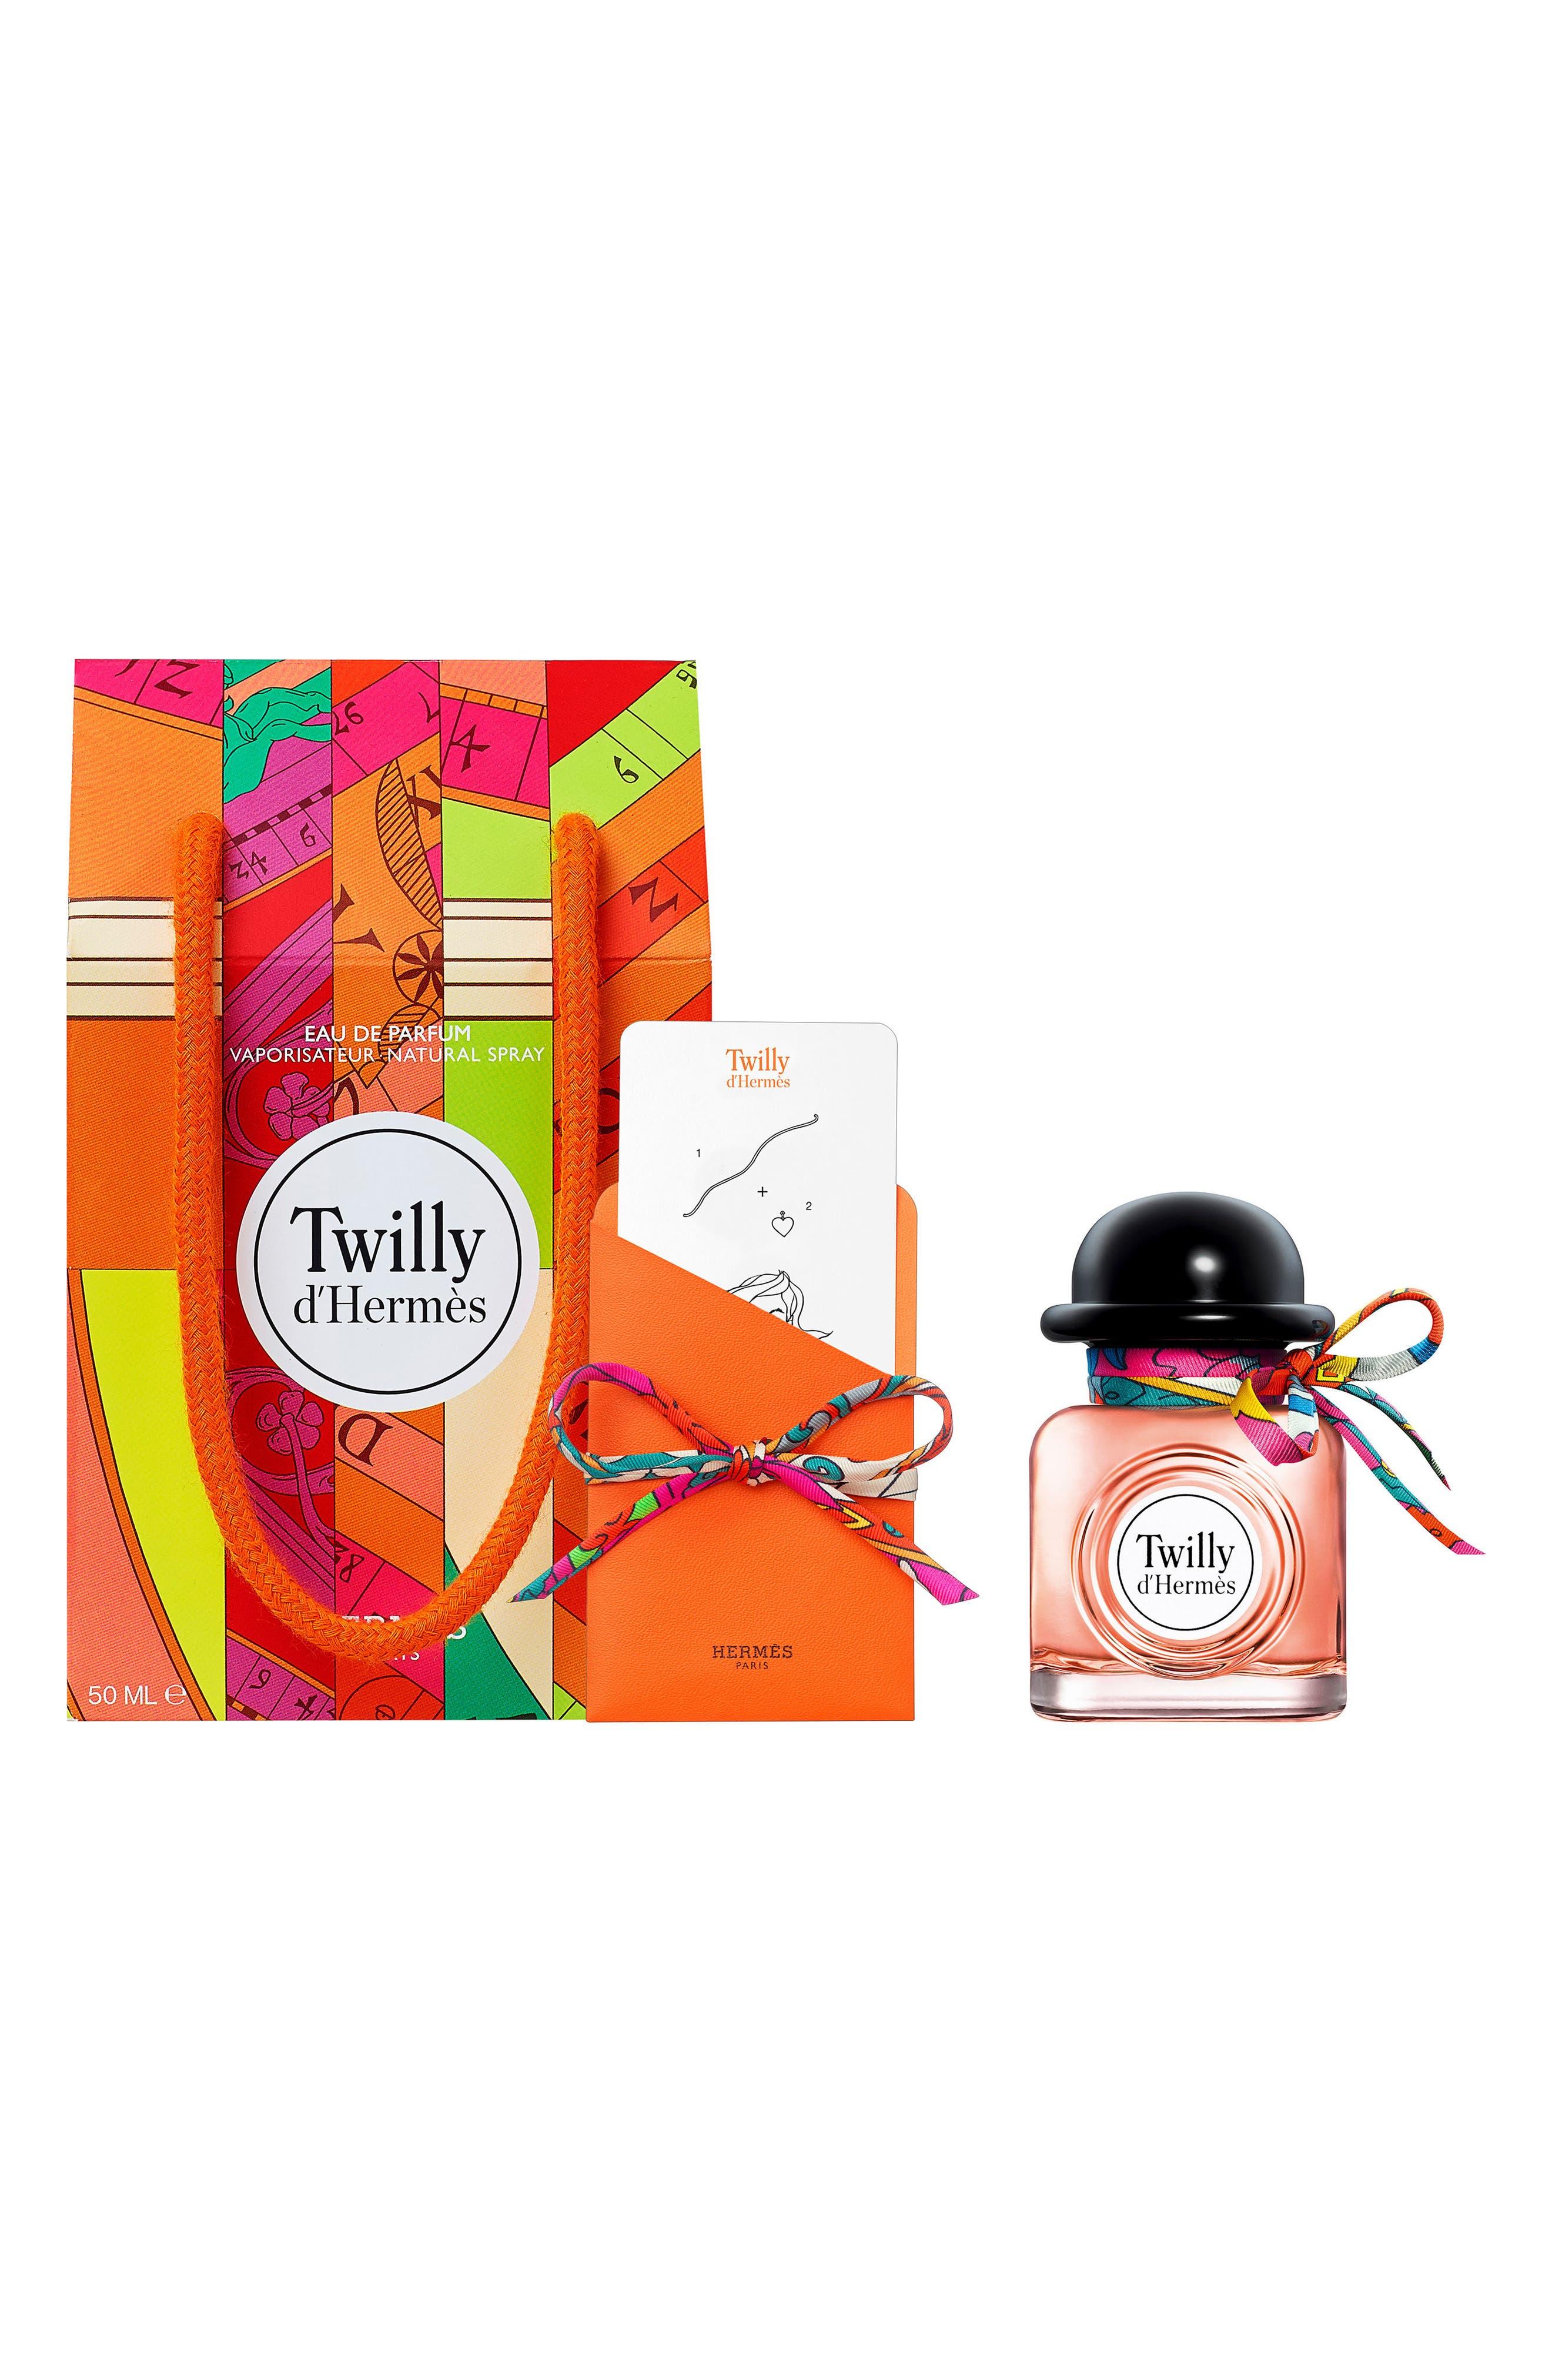 Twilly d'Hermès - Eau de parfum gift set,                             Main thumbnail 1, color,                             No Color